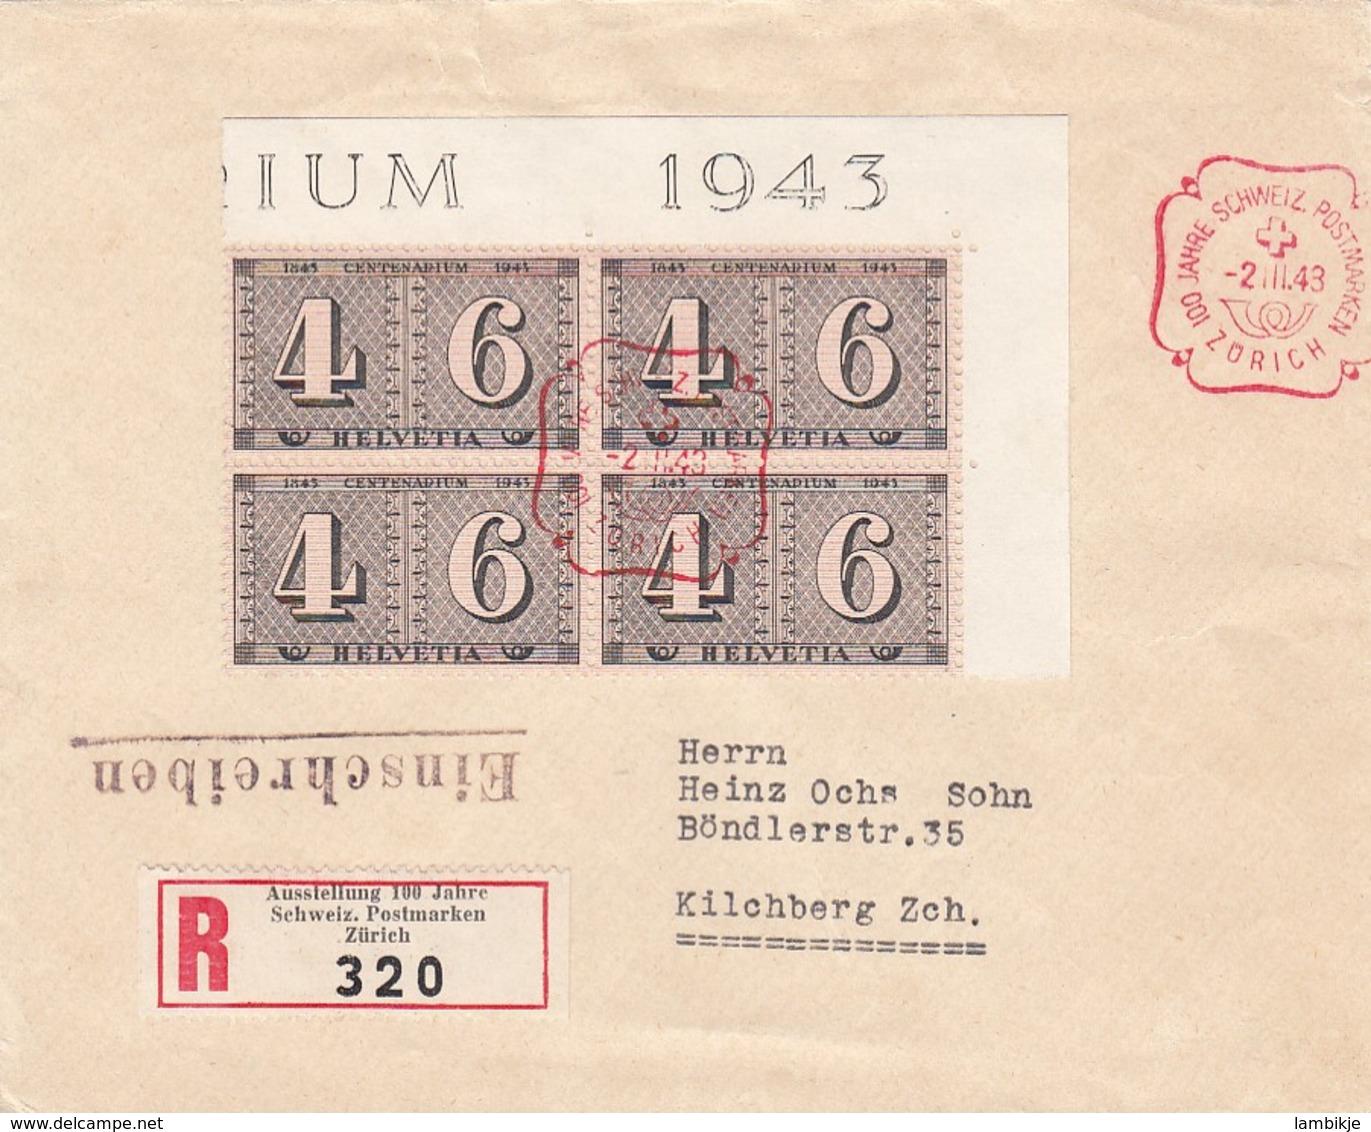 Schweiz R Brief 1943 - Schweiz